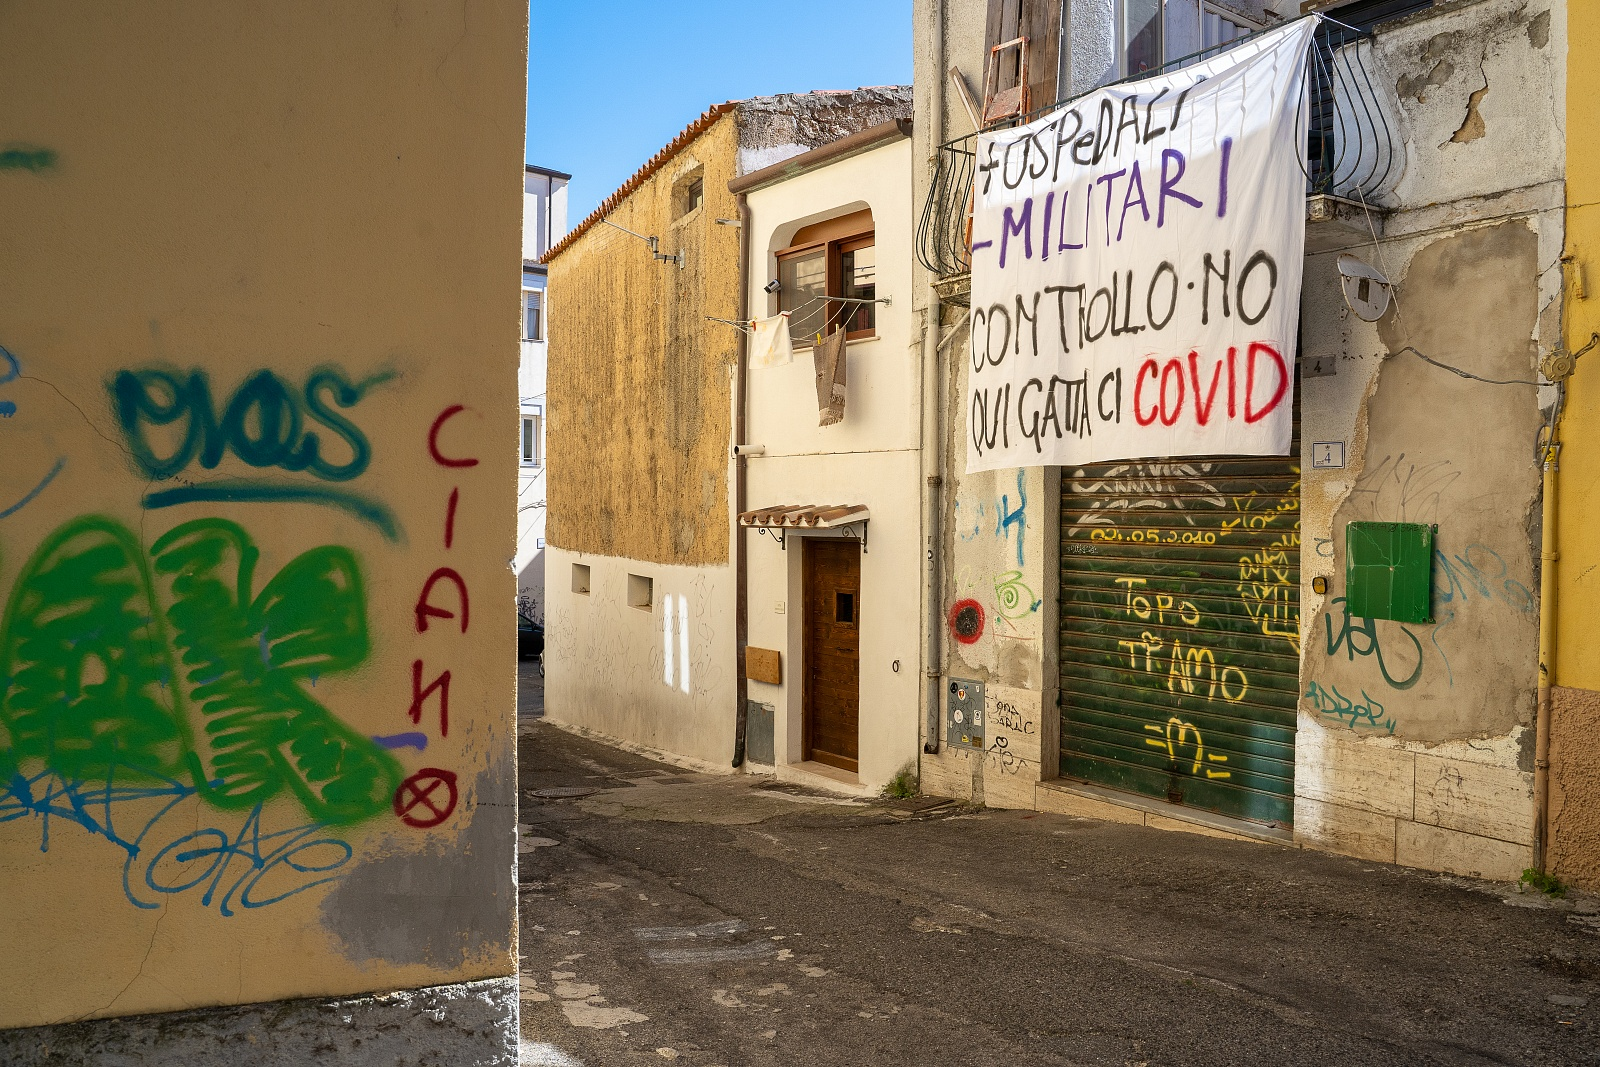 Striscione esposto presso la sede dello Spazio Antifascista